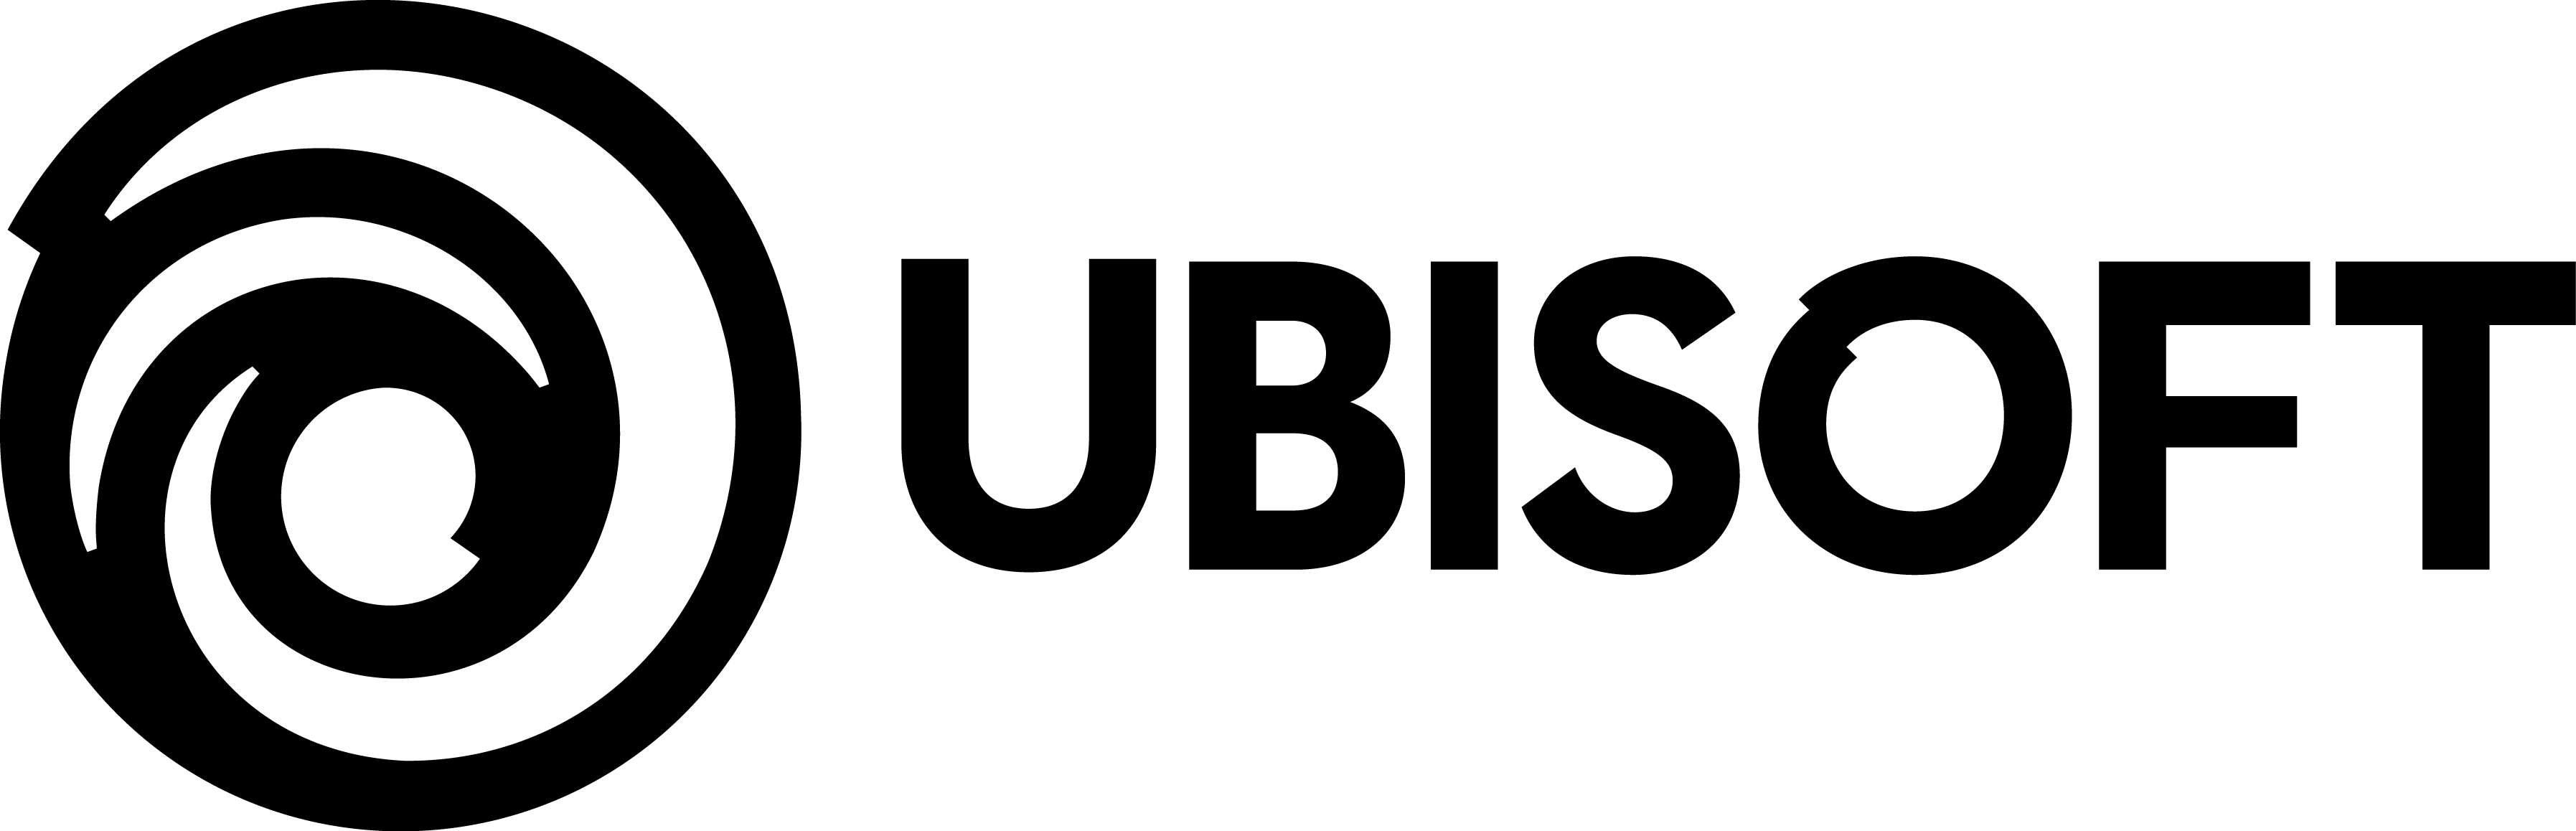 ubisoft-horizontal-logo-black